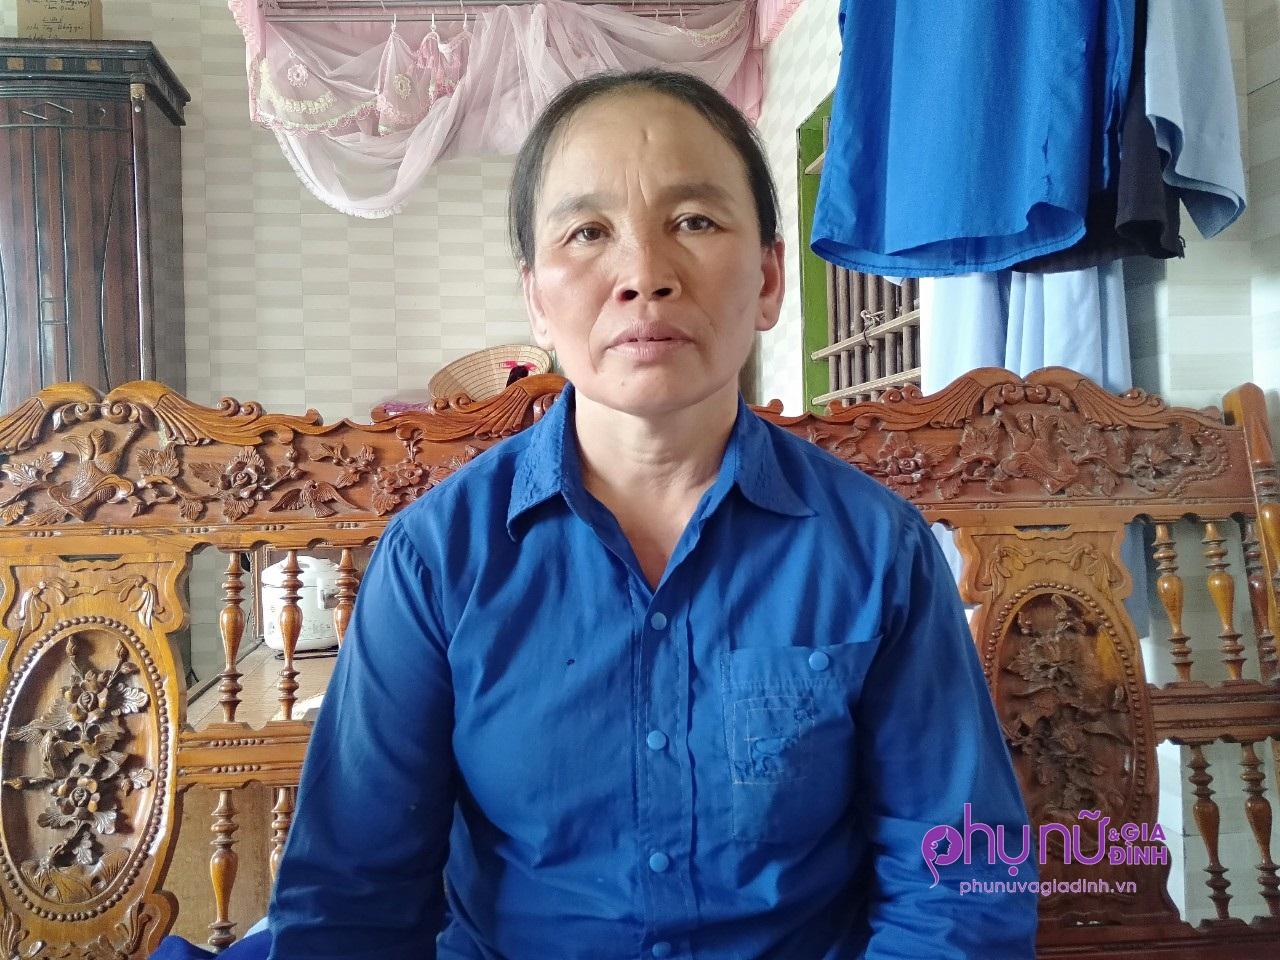 Éo le cuộc đời người phụ nữ đi cưới vợ cho chồng, chạy vạy khắp nơi kiếm tiền chữa bệnh ung thư cho vợ hai - Ảnh 1